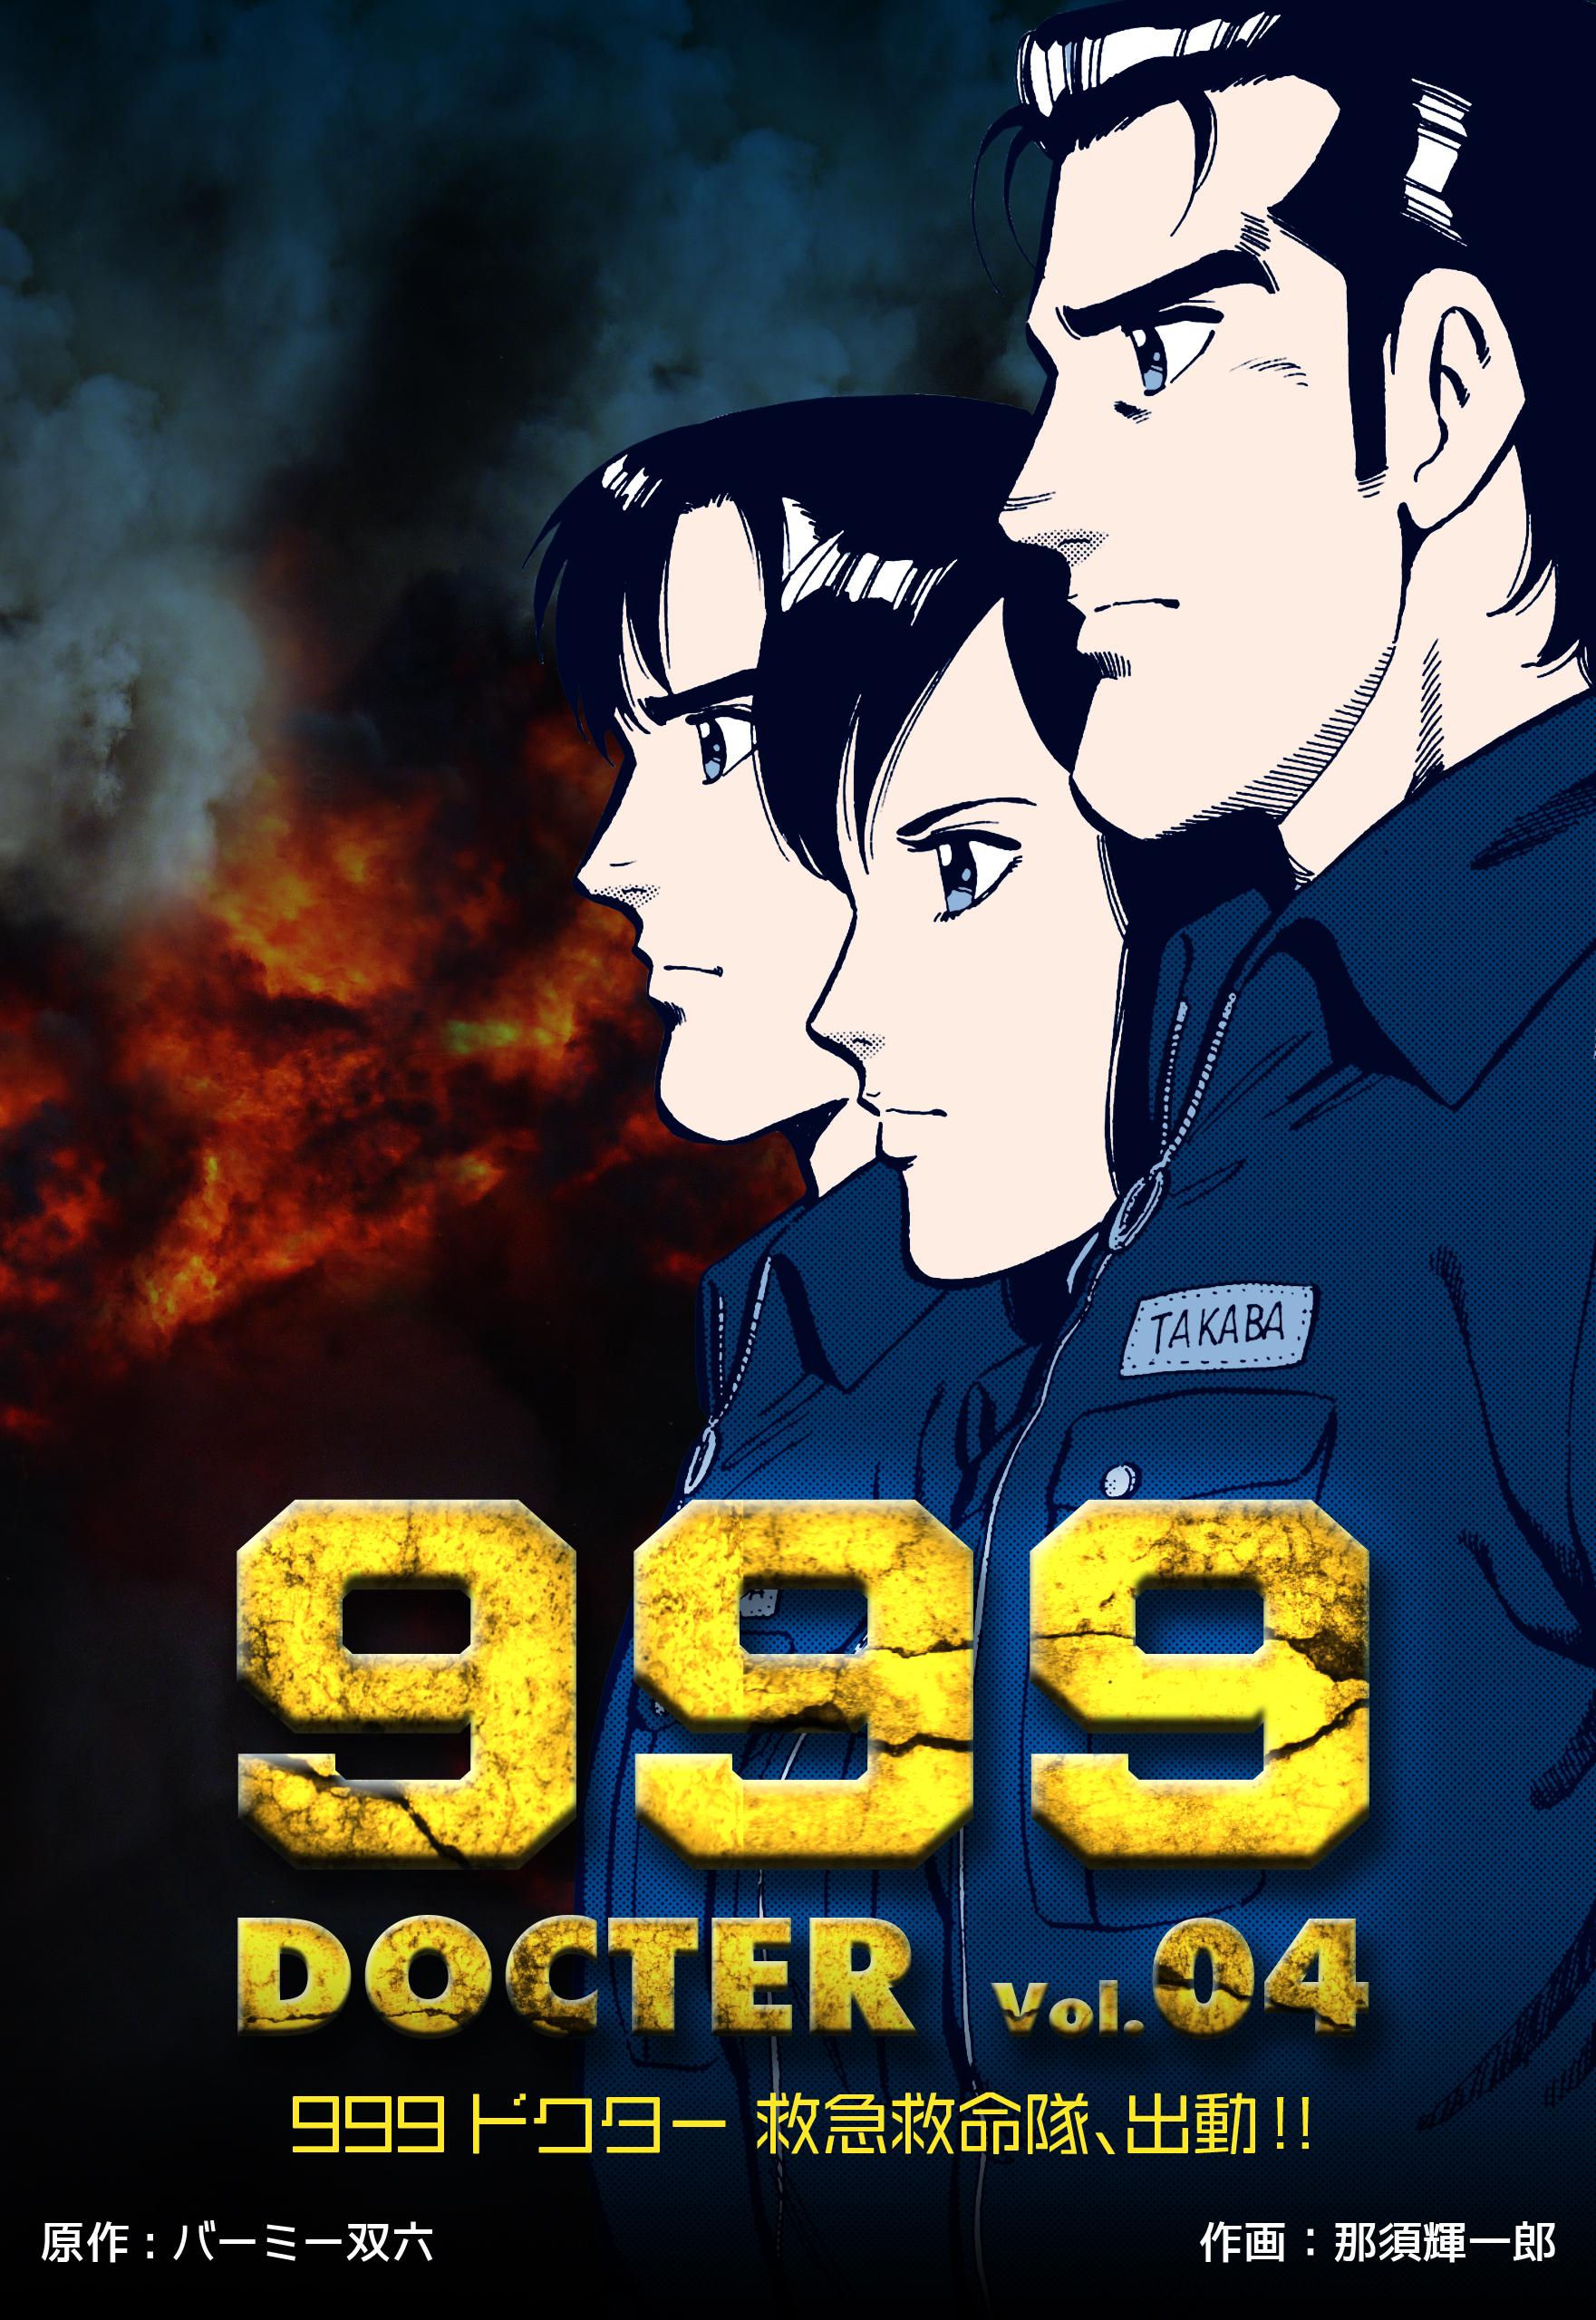 999ドクター~救急救命隊、出動!!(第4巻)